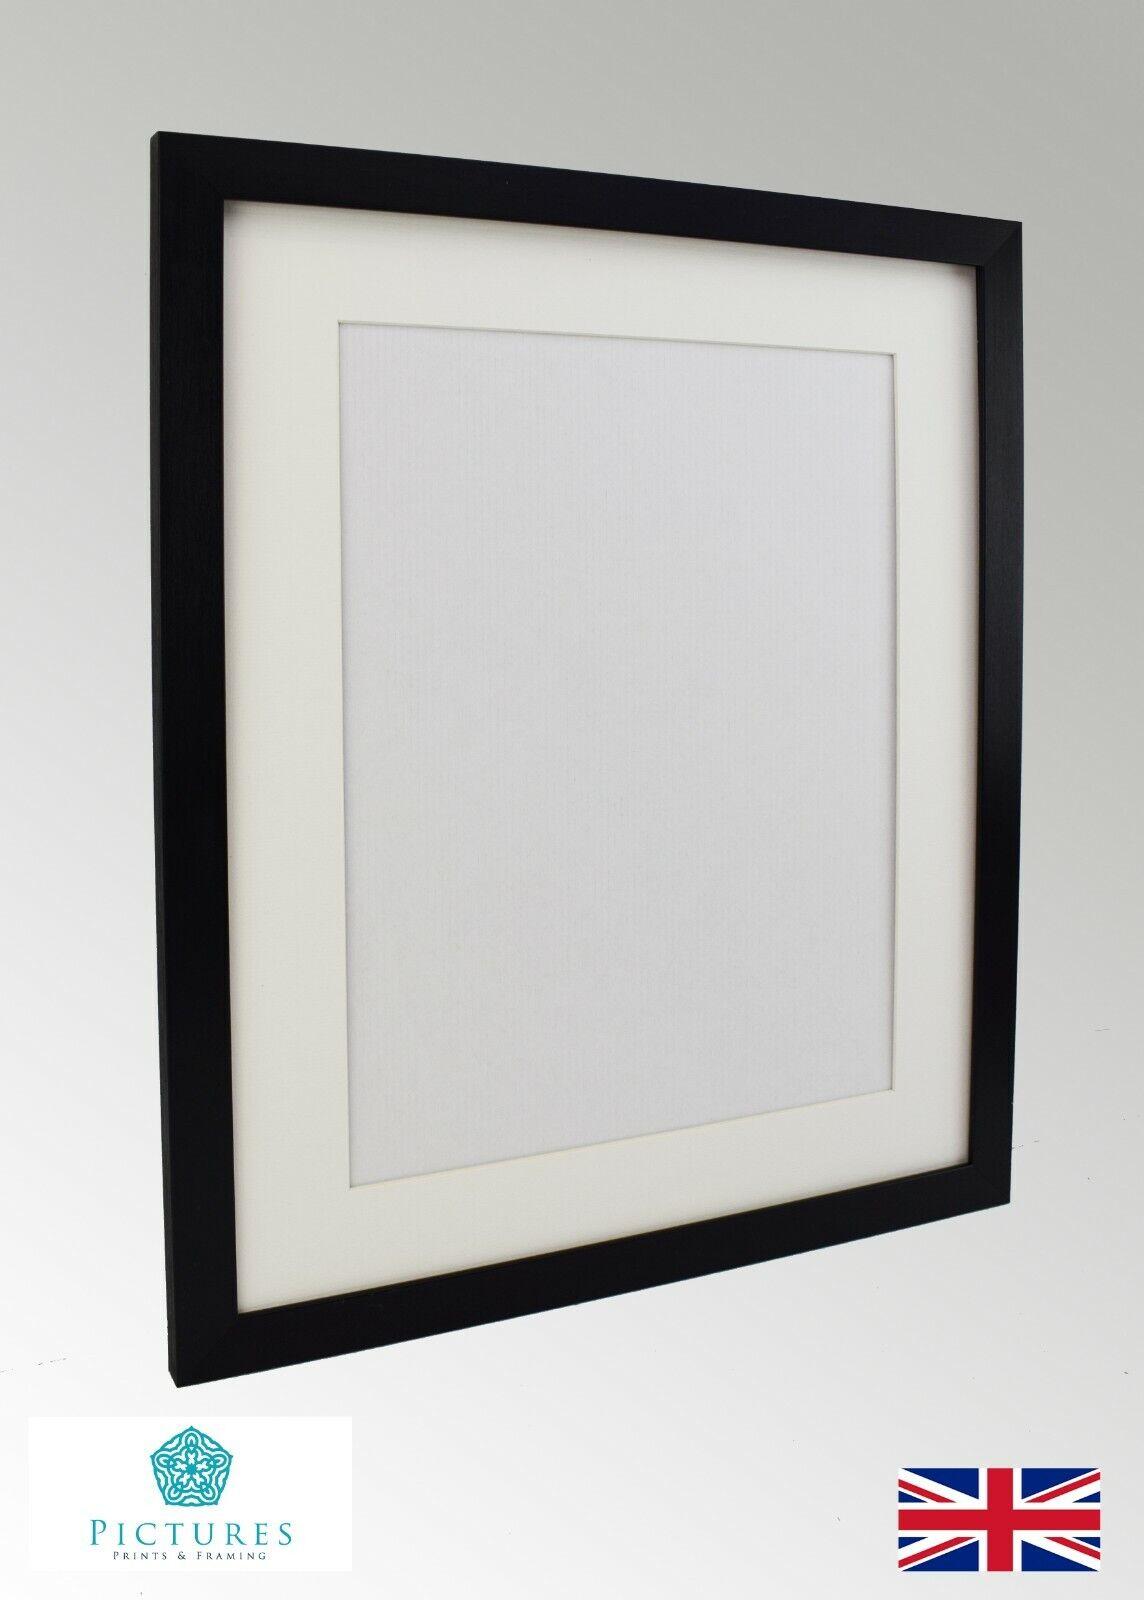 Nero FOTO CON POSTER PANORAMICO telaio bianco sporco Mounts 12x12 -22x34  A2